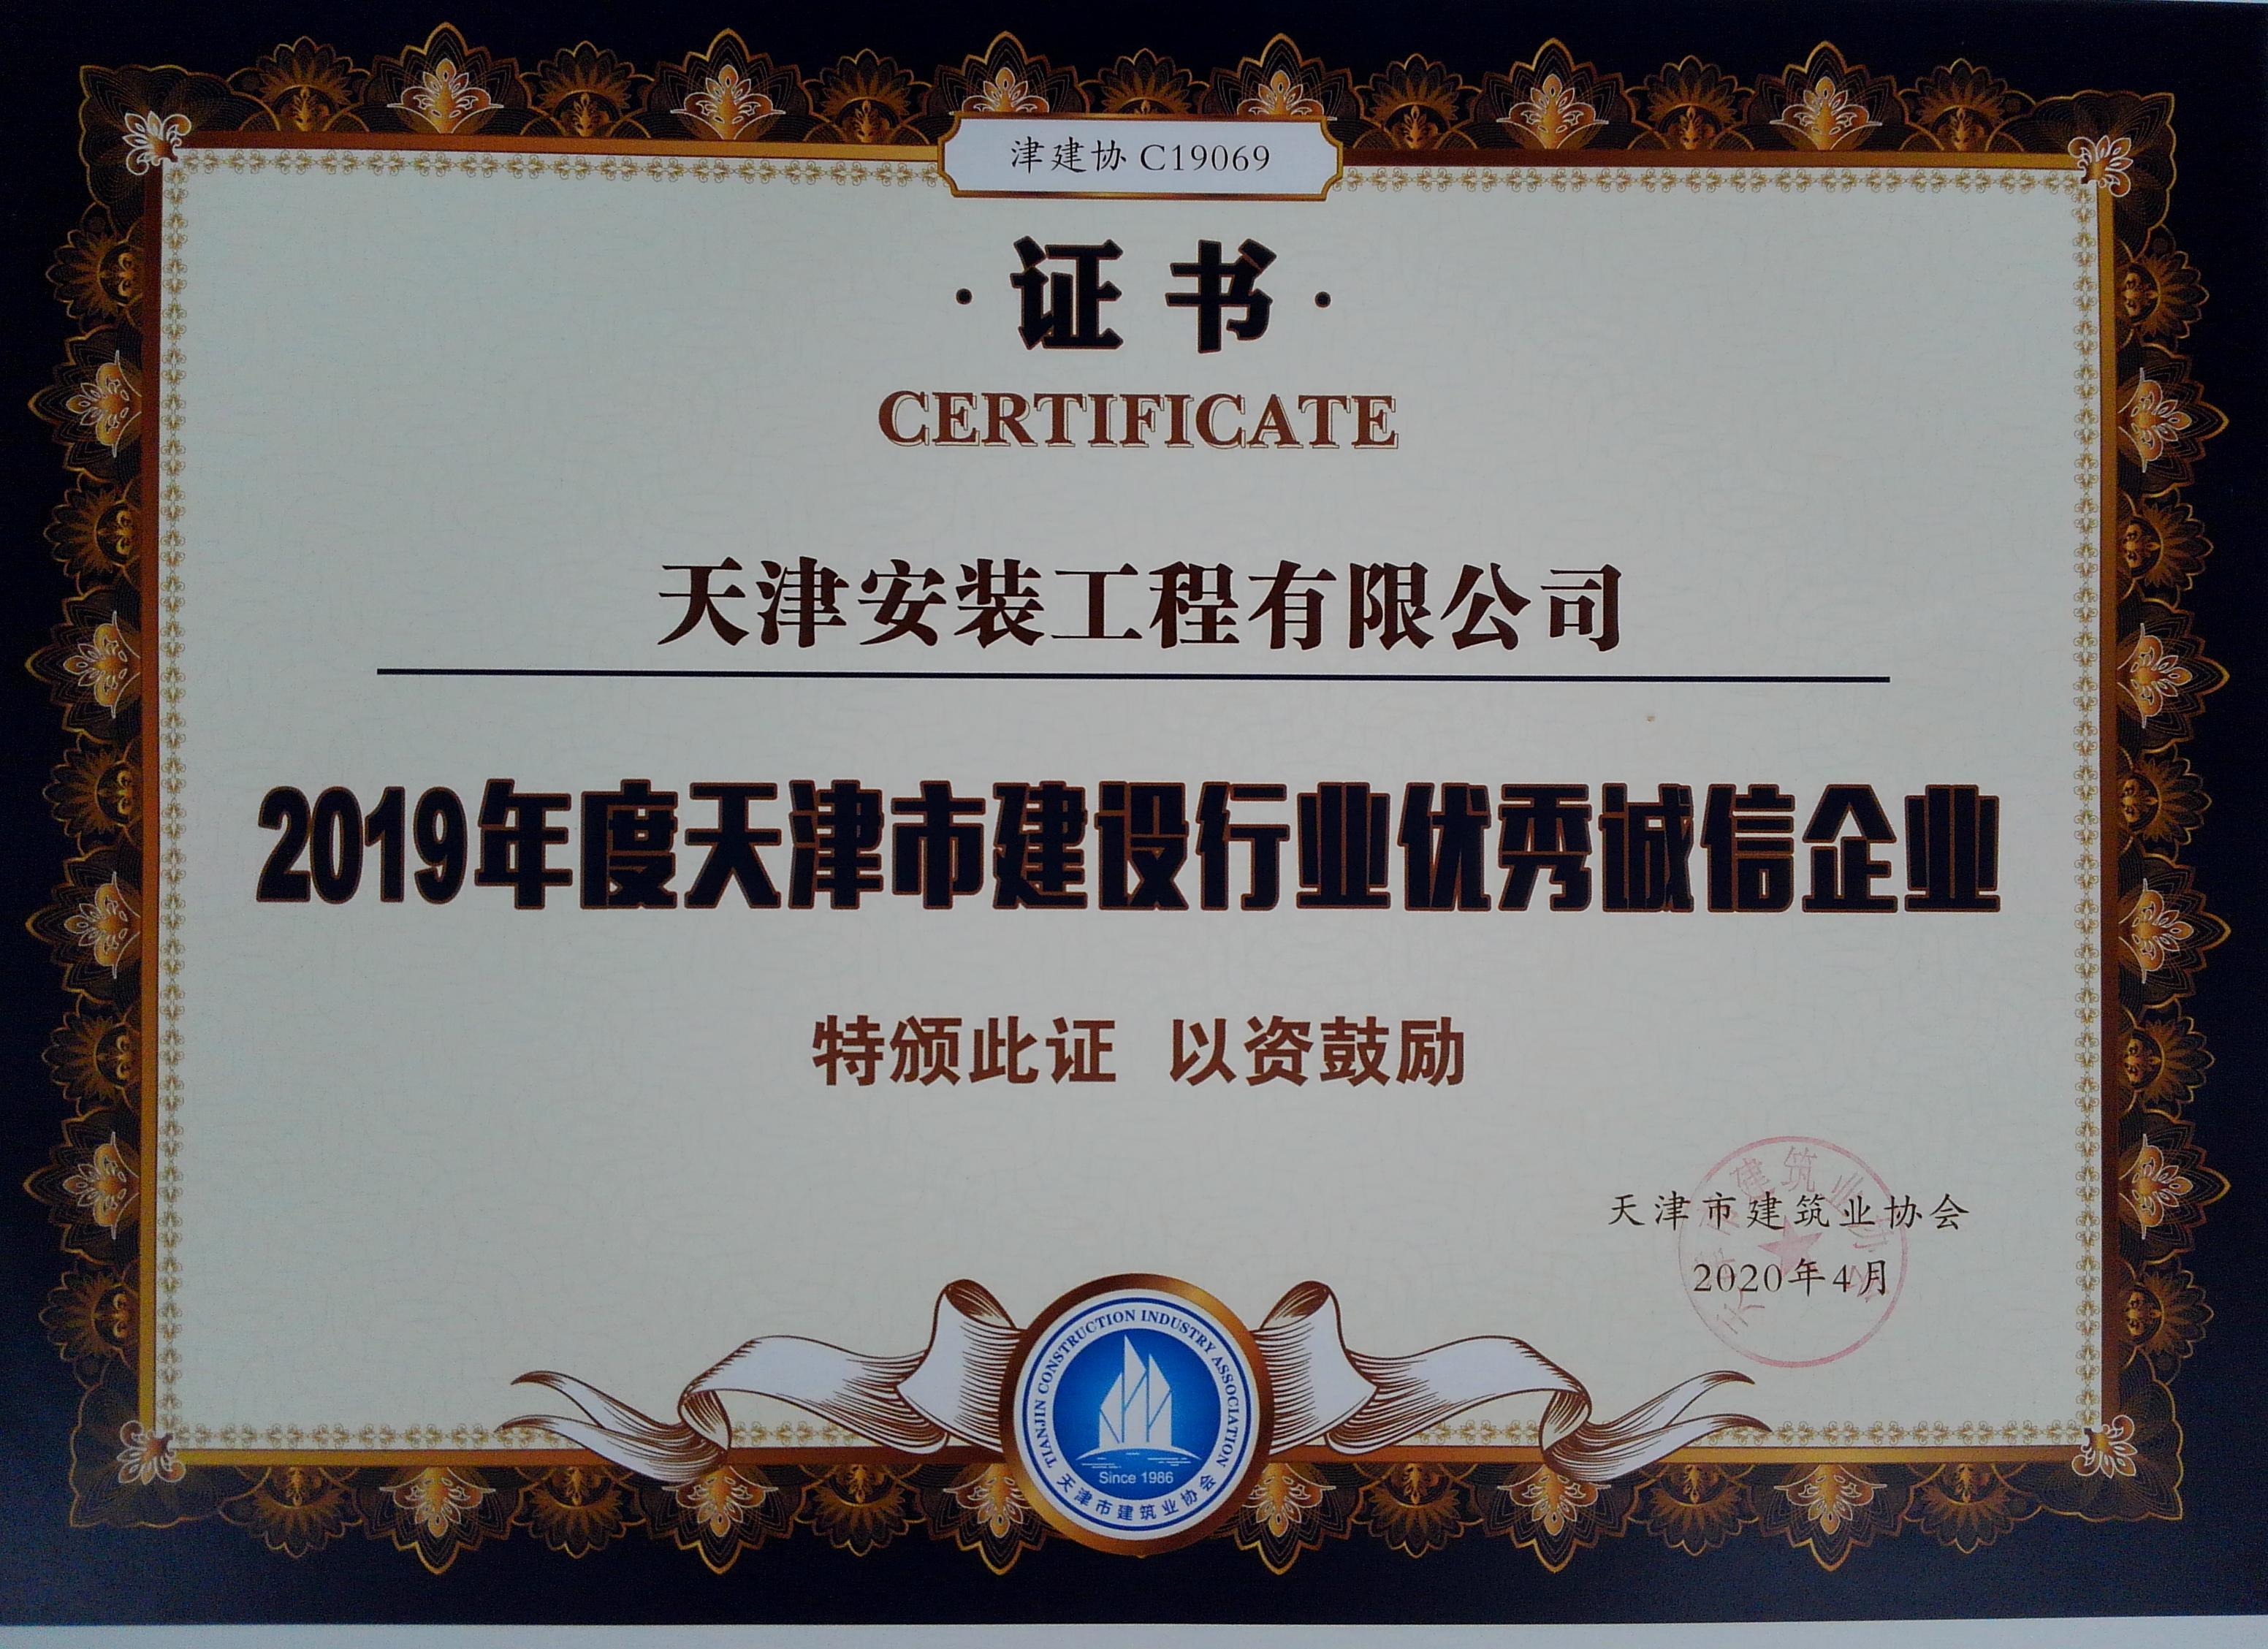 2019年度天津市建设行业优秀诚信企业